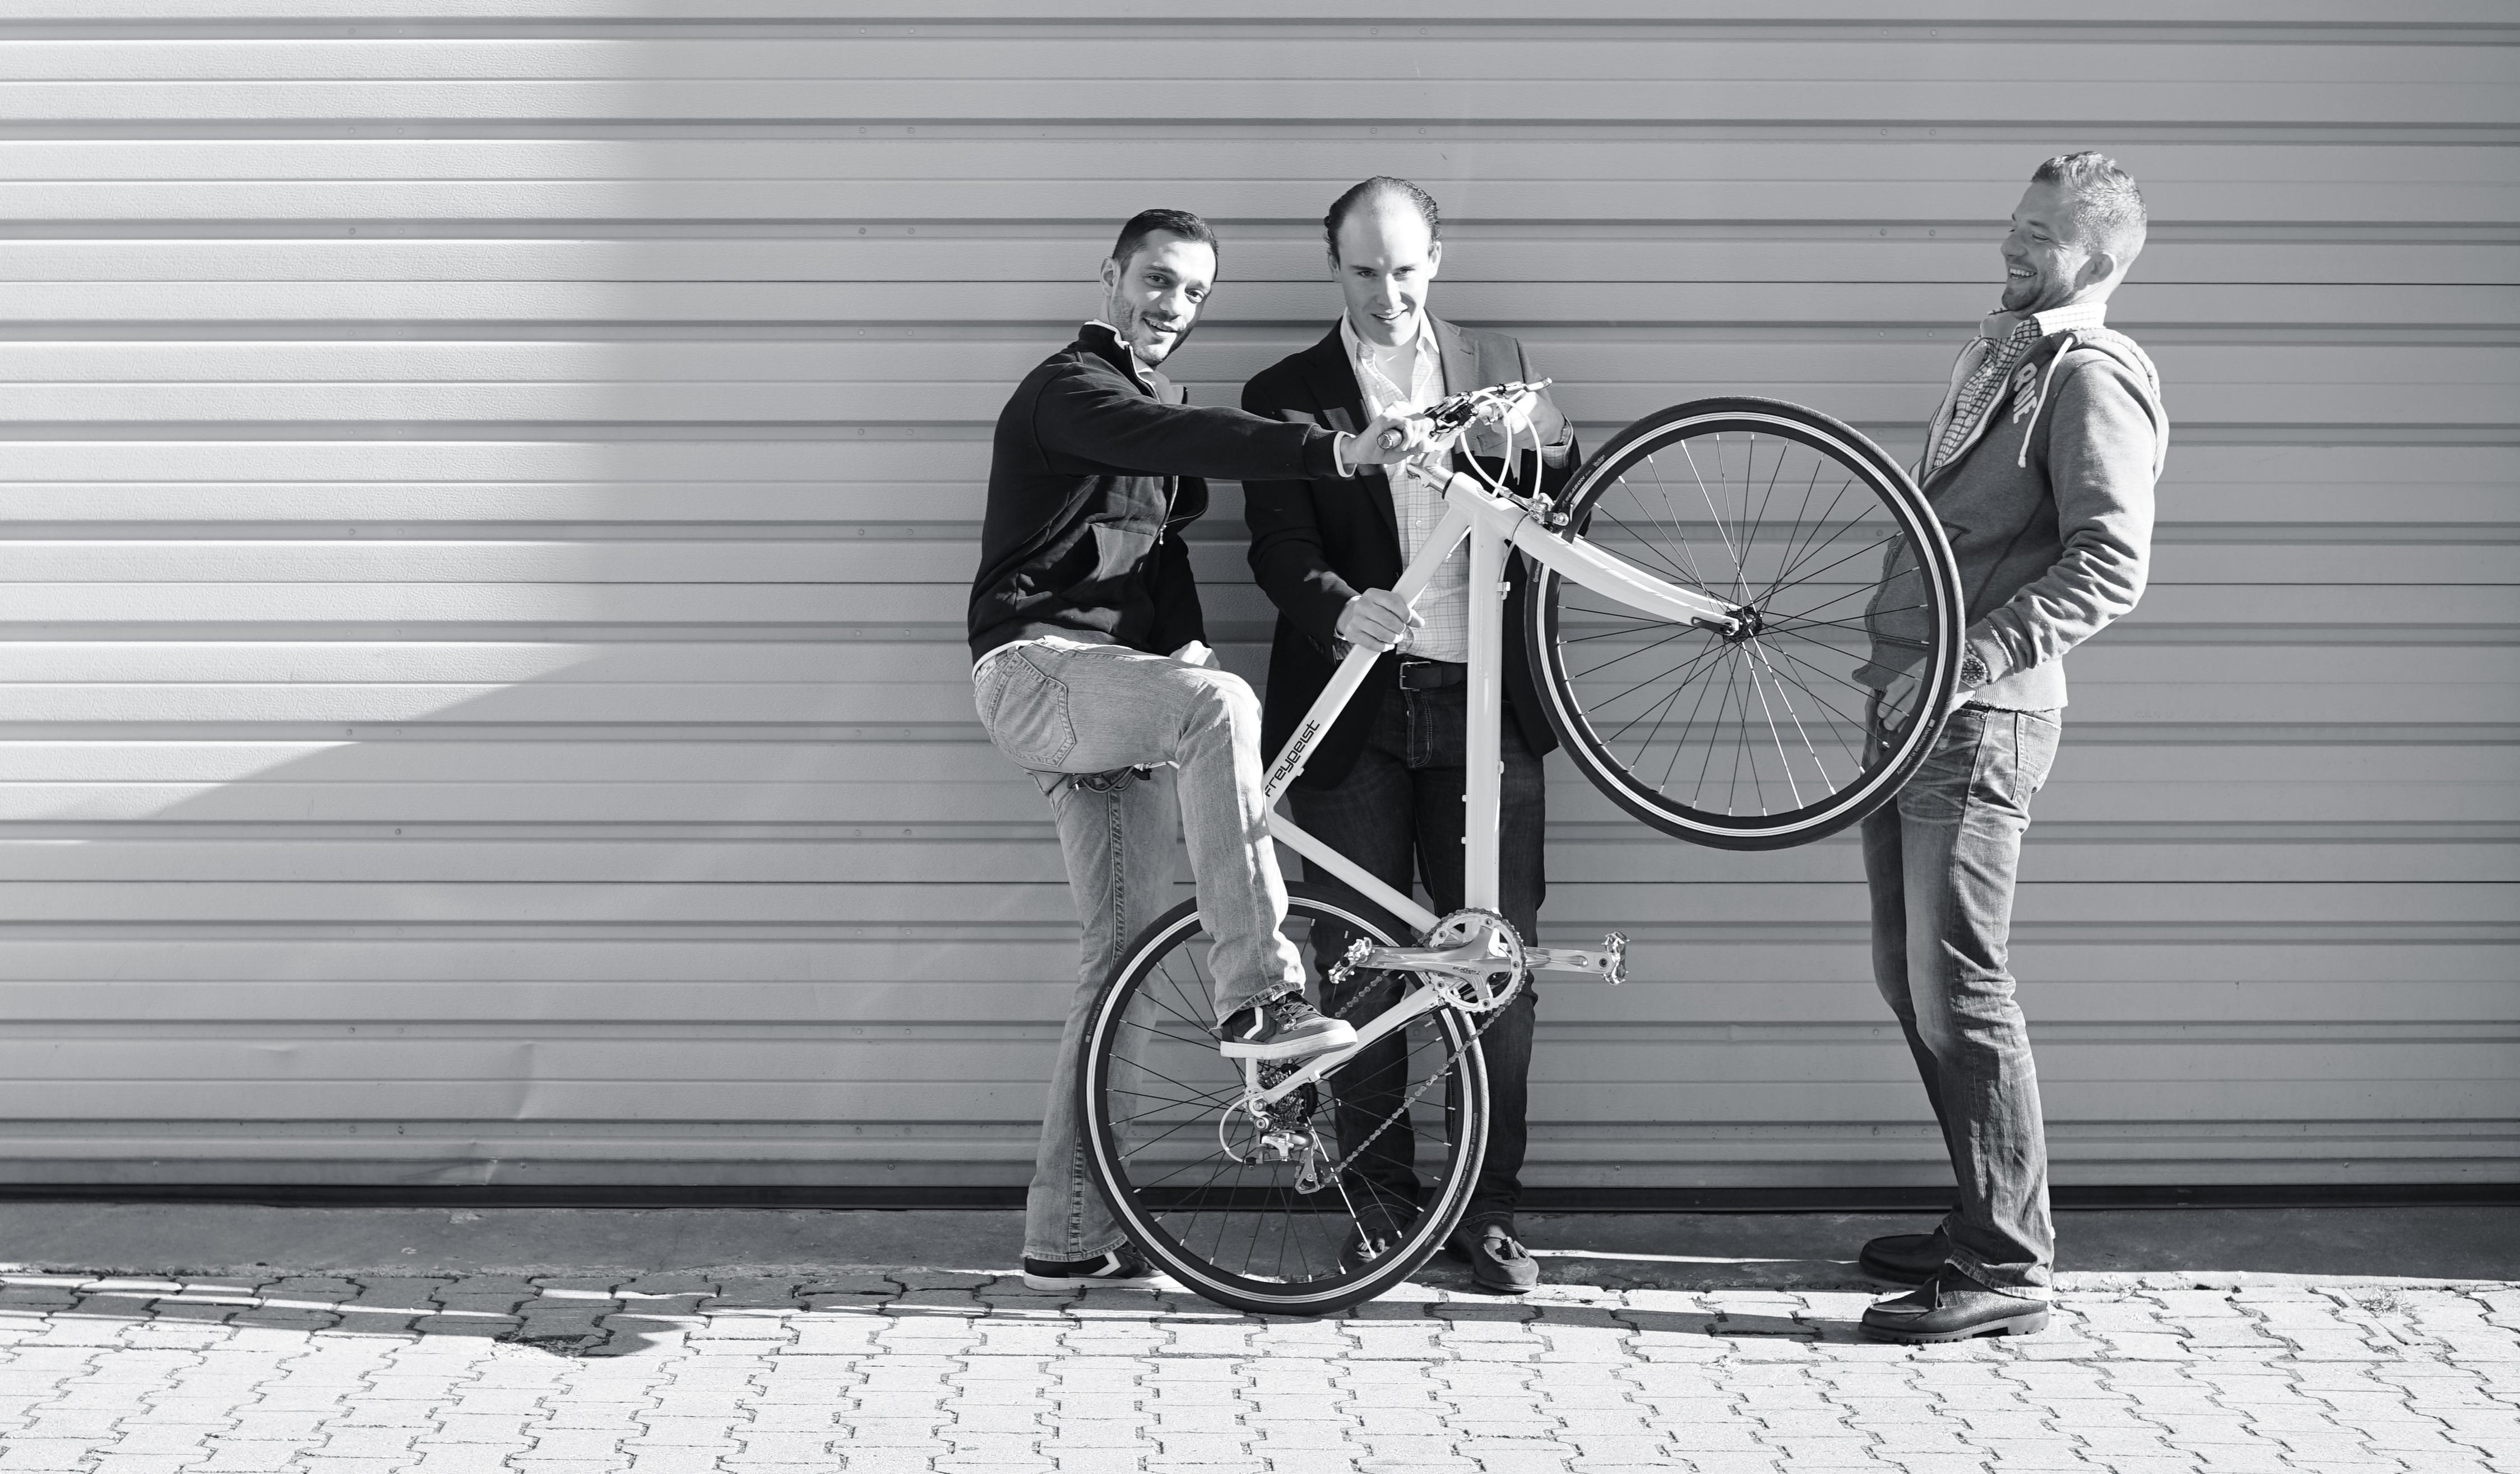 Brutkasten.Interview: Drei Wiener mischen E-Bike-Markt auf – eine Erfolgsgeschichte per Crowdinvesting